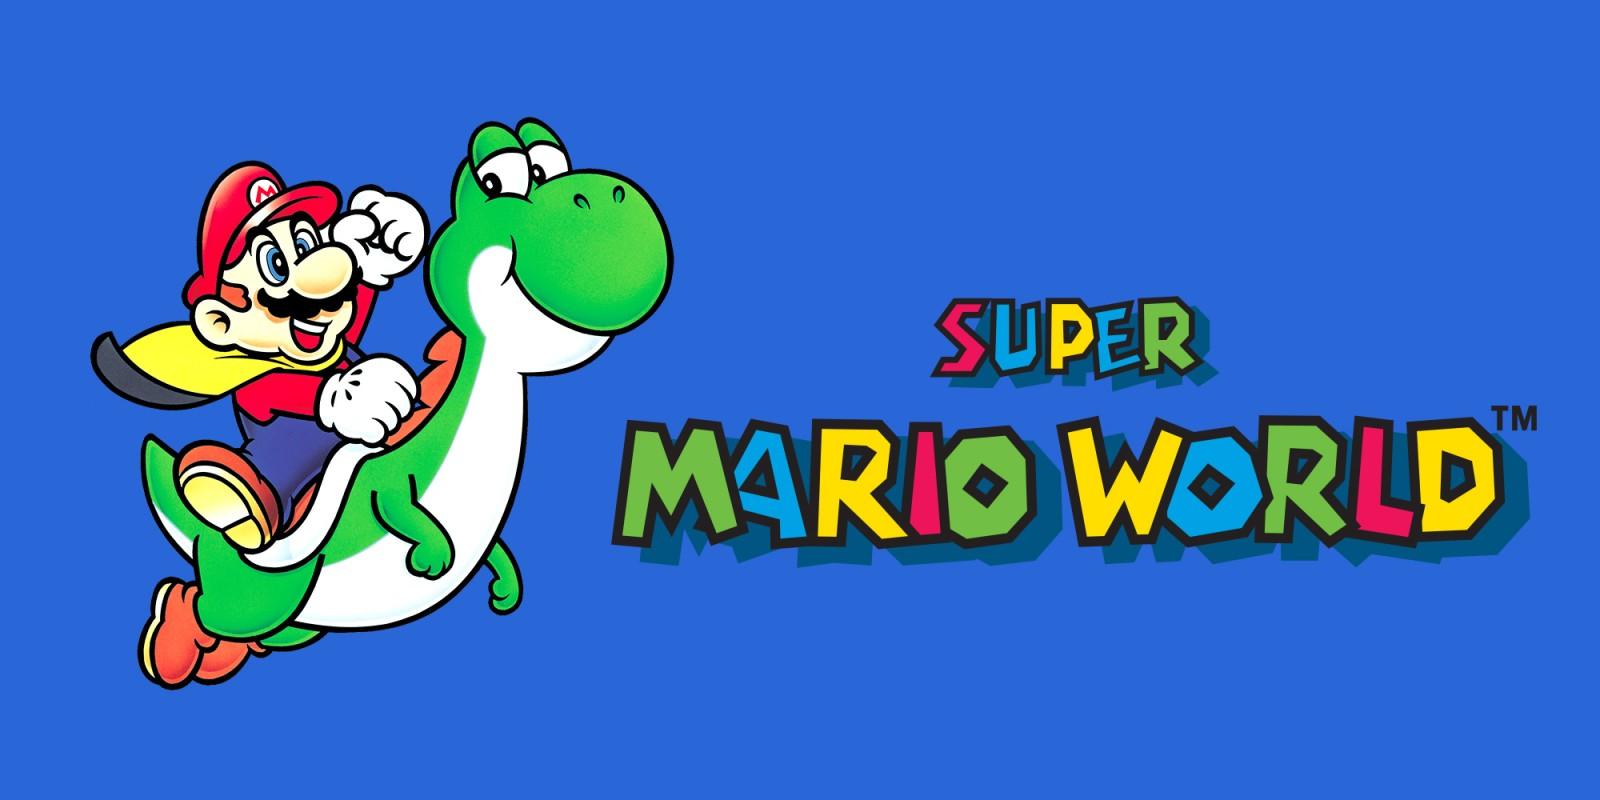 Top of the best SNES games